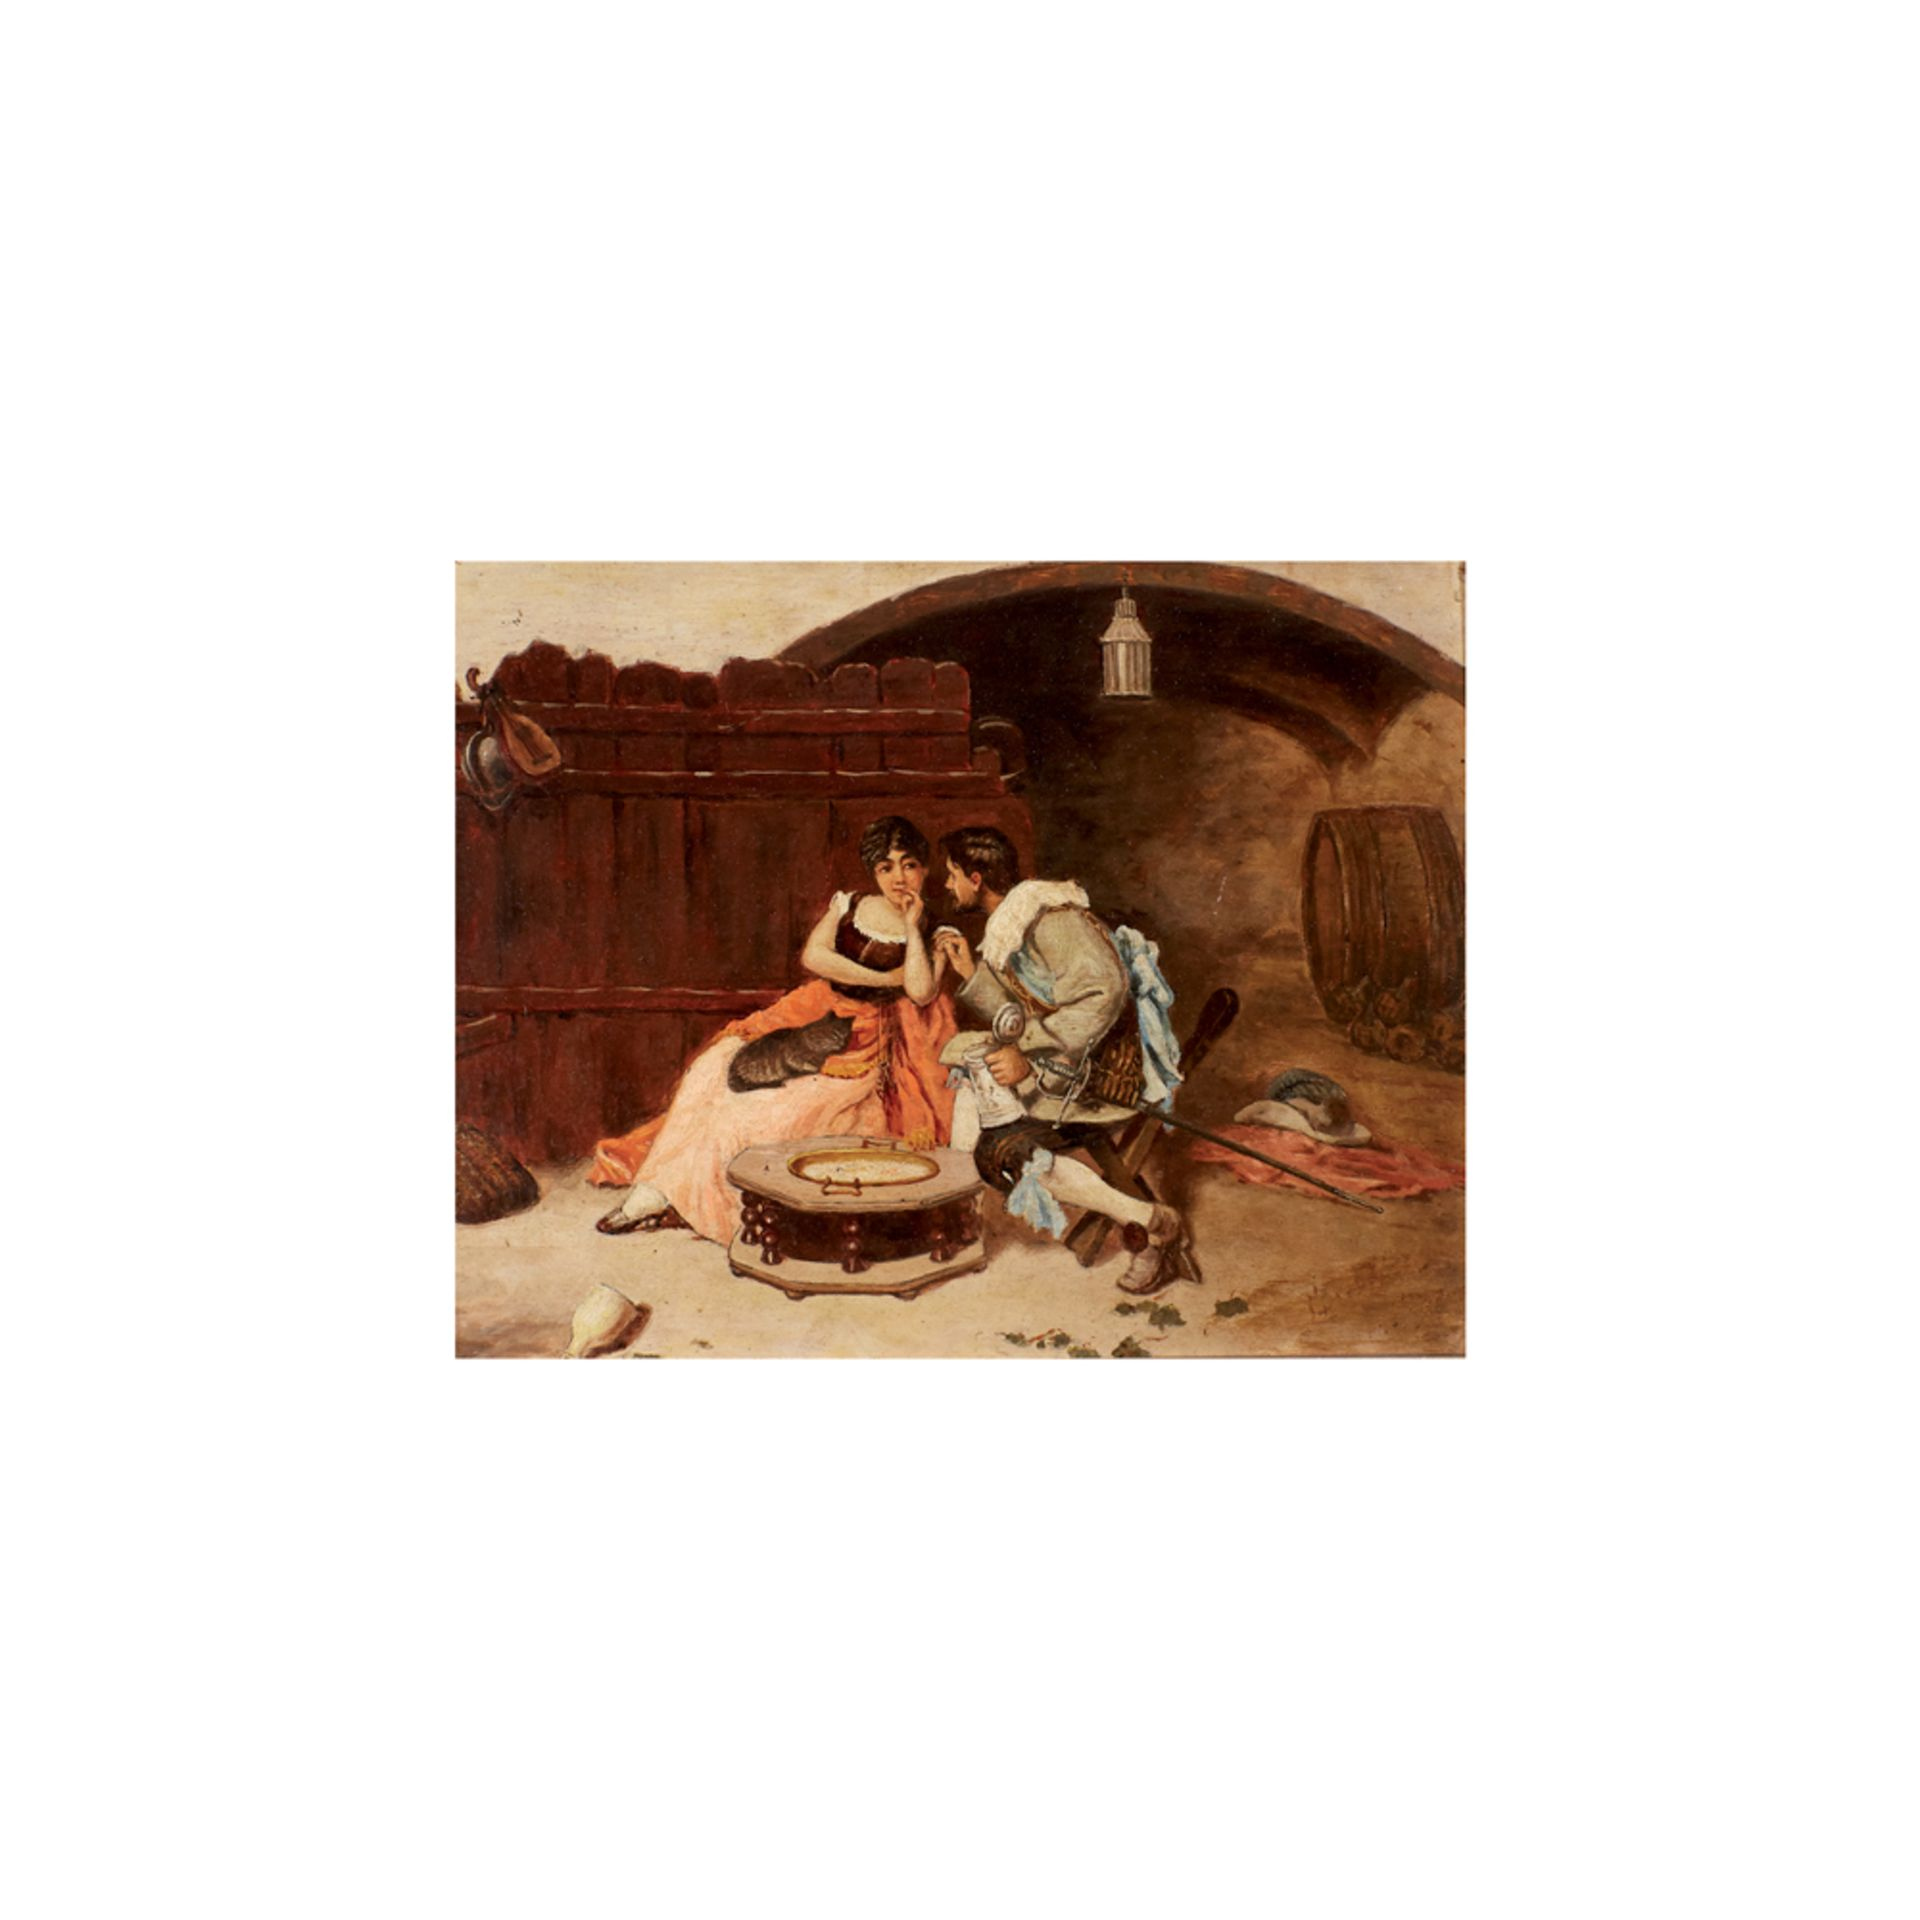 Los 13 - Escuela española, s.XIX. Escena galante. Óleo sobre tabla.